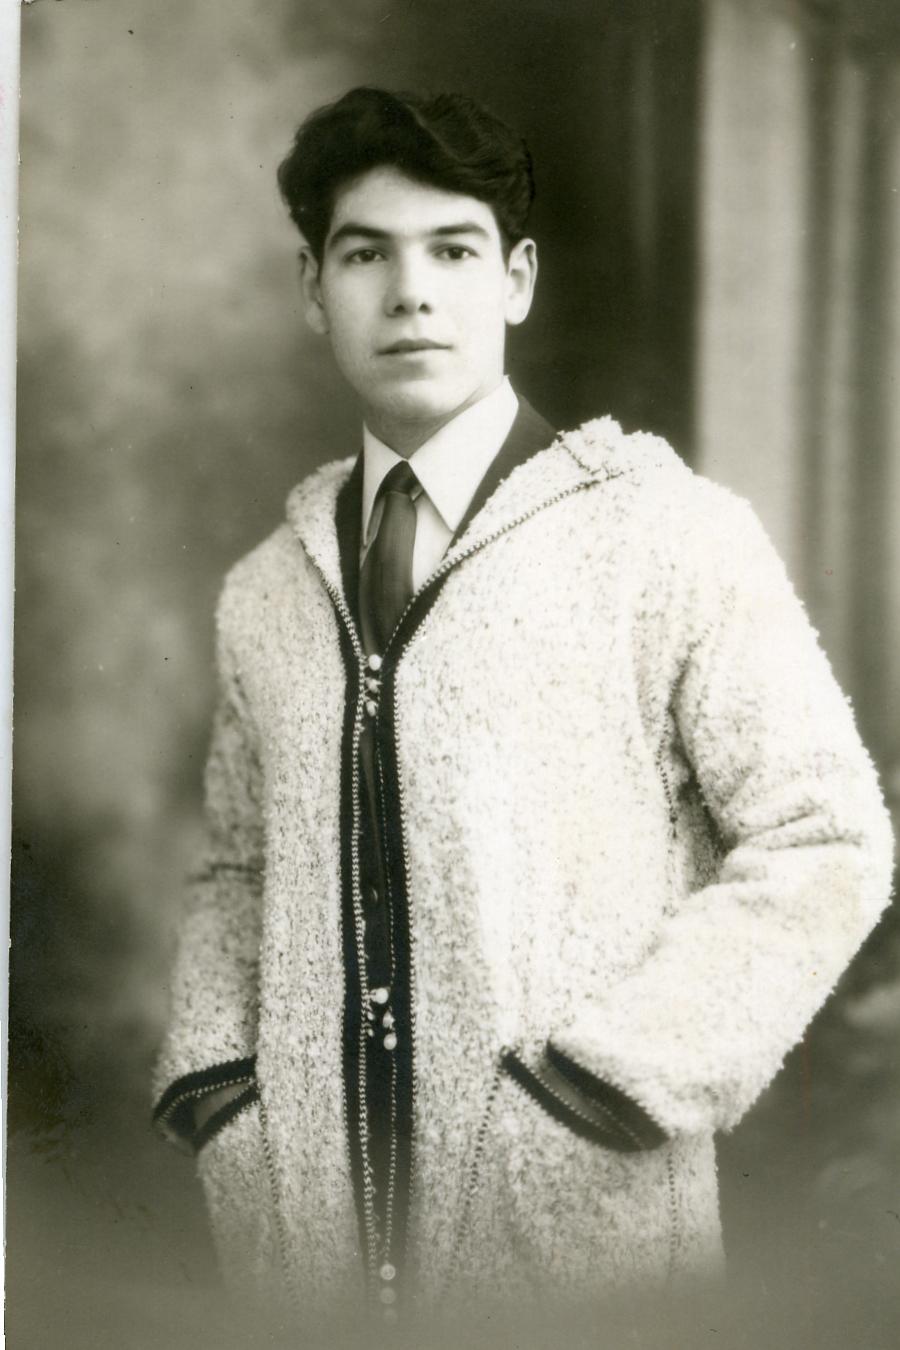 Ahmed Khiat à l'âge de 21 ans - en 1966